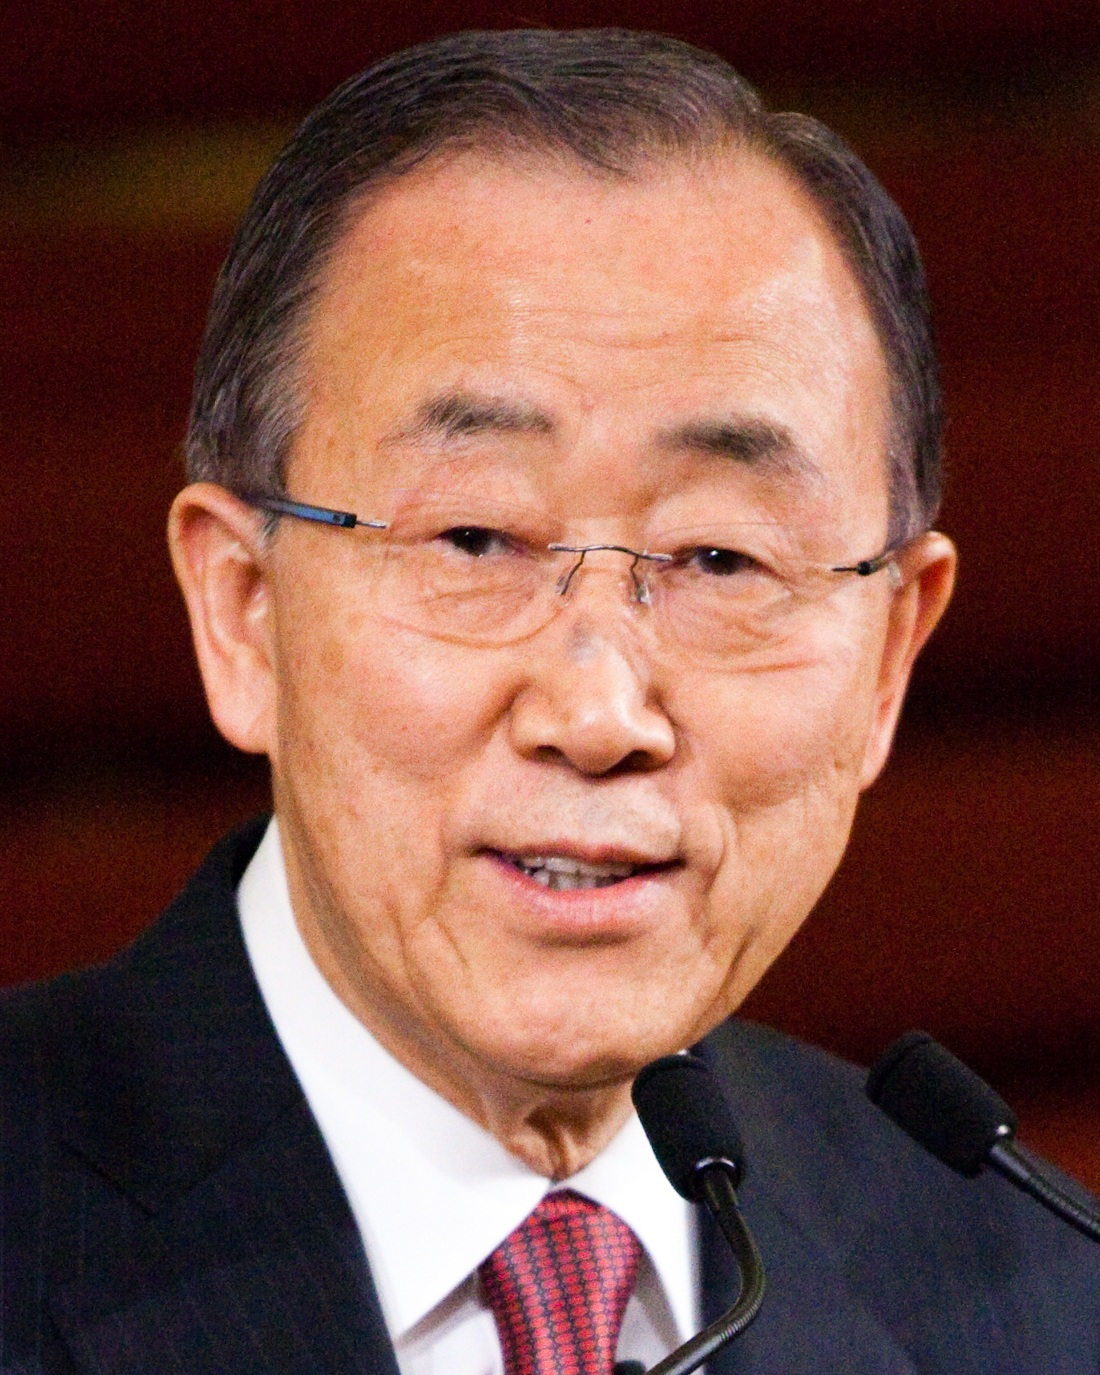 Ban+Ki-moon